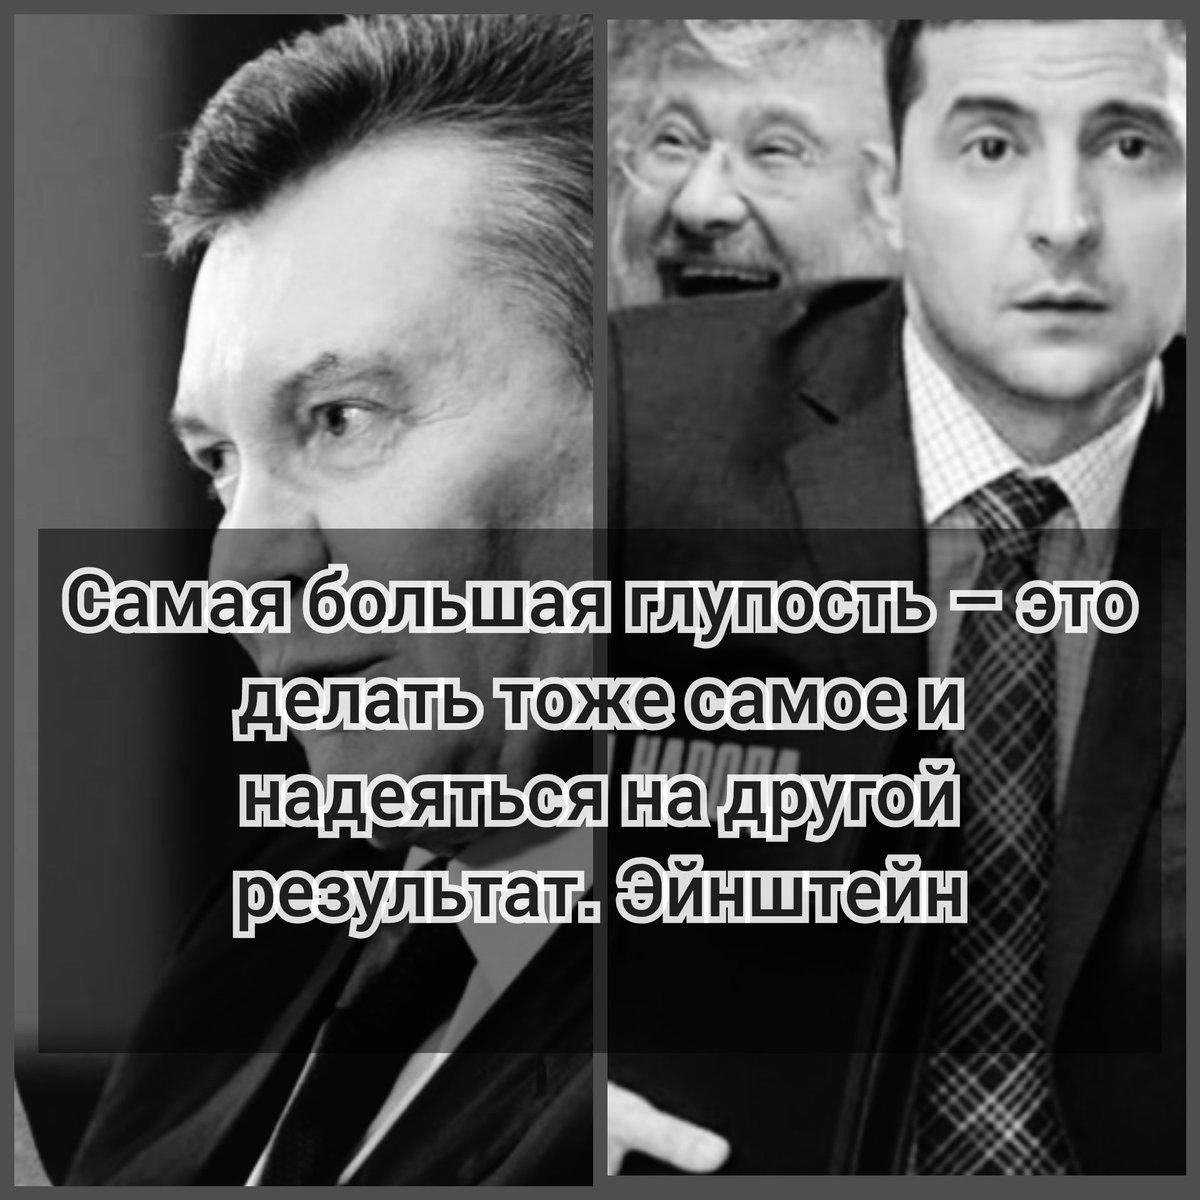 Українці мають бути впевнені, що Президентом і Верховним Головнокомандувачем не стане людина з наркотичною або алкогольною залежністю, - Порошенко - Цензор.НЕТ 9732